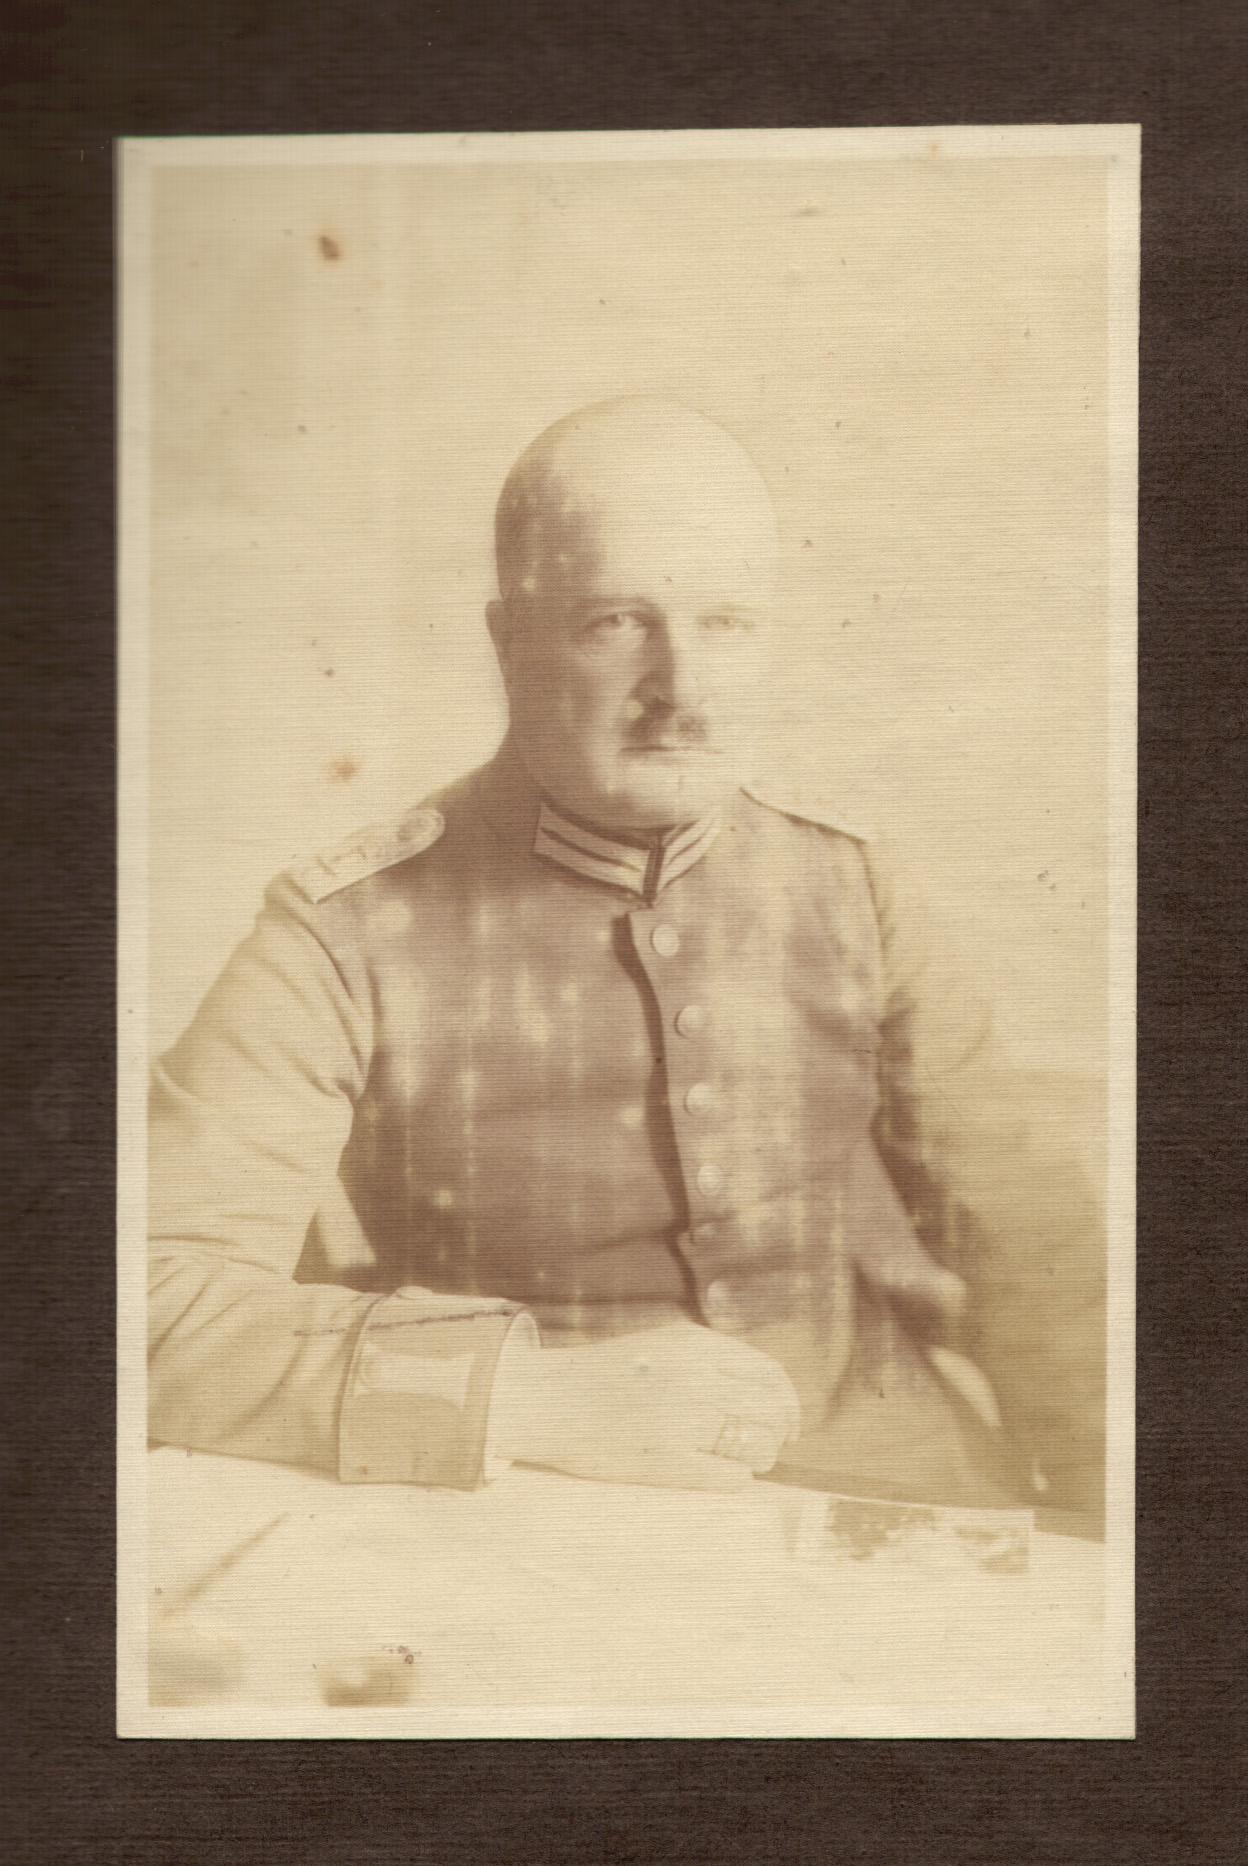 Okładka folderu Nieznani wojskowi urzędnicy niemieccy